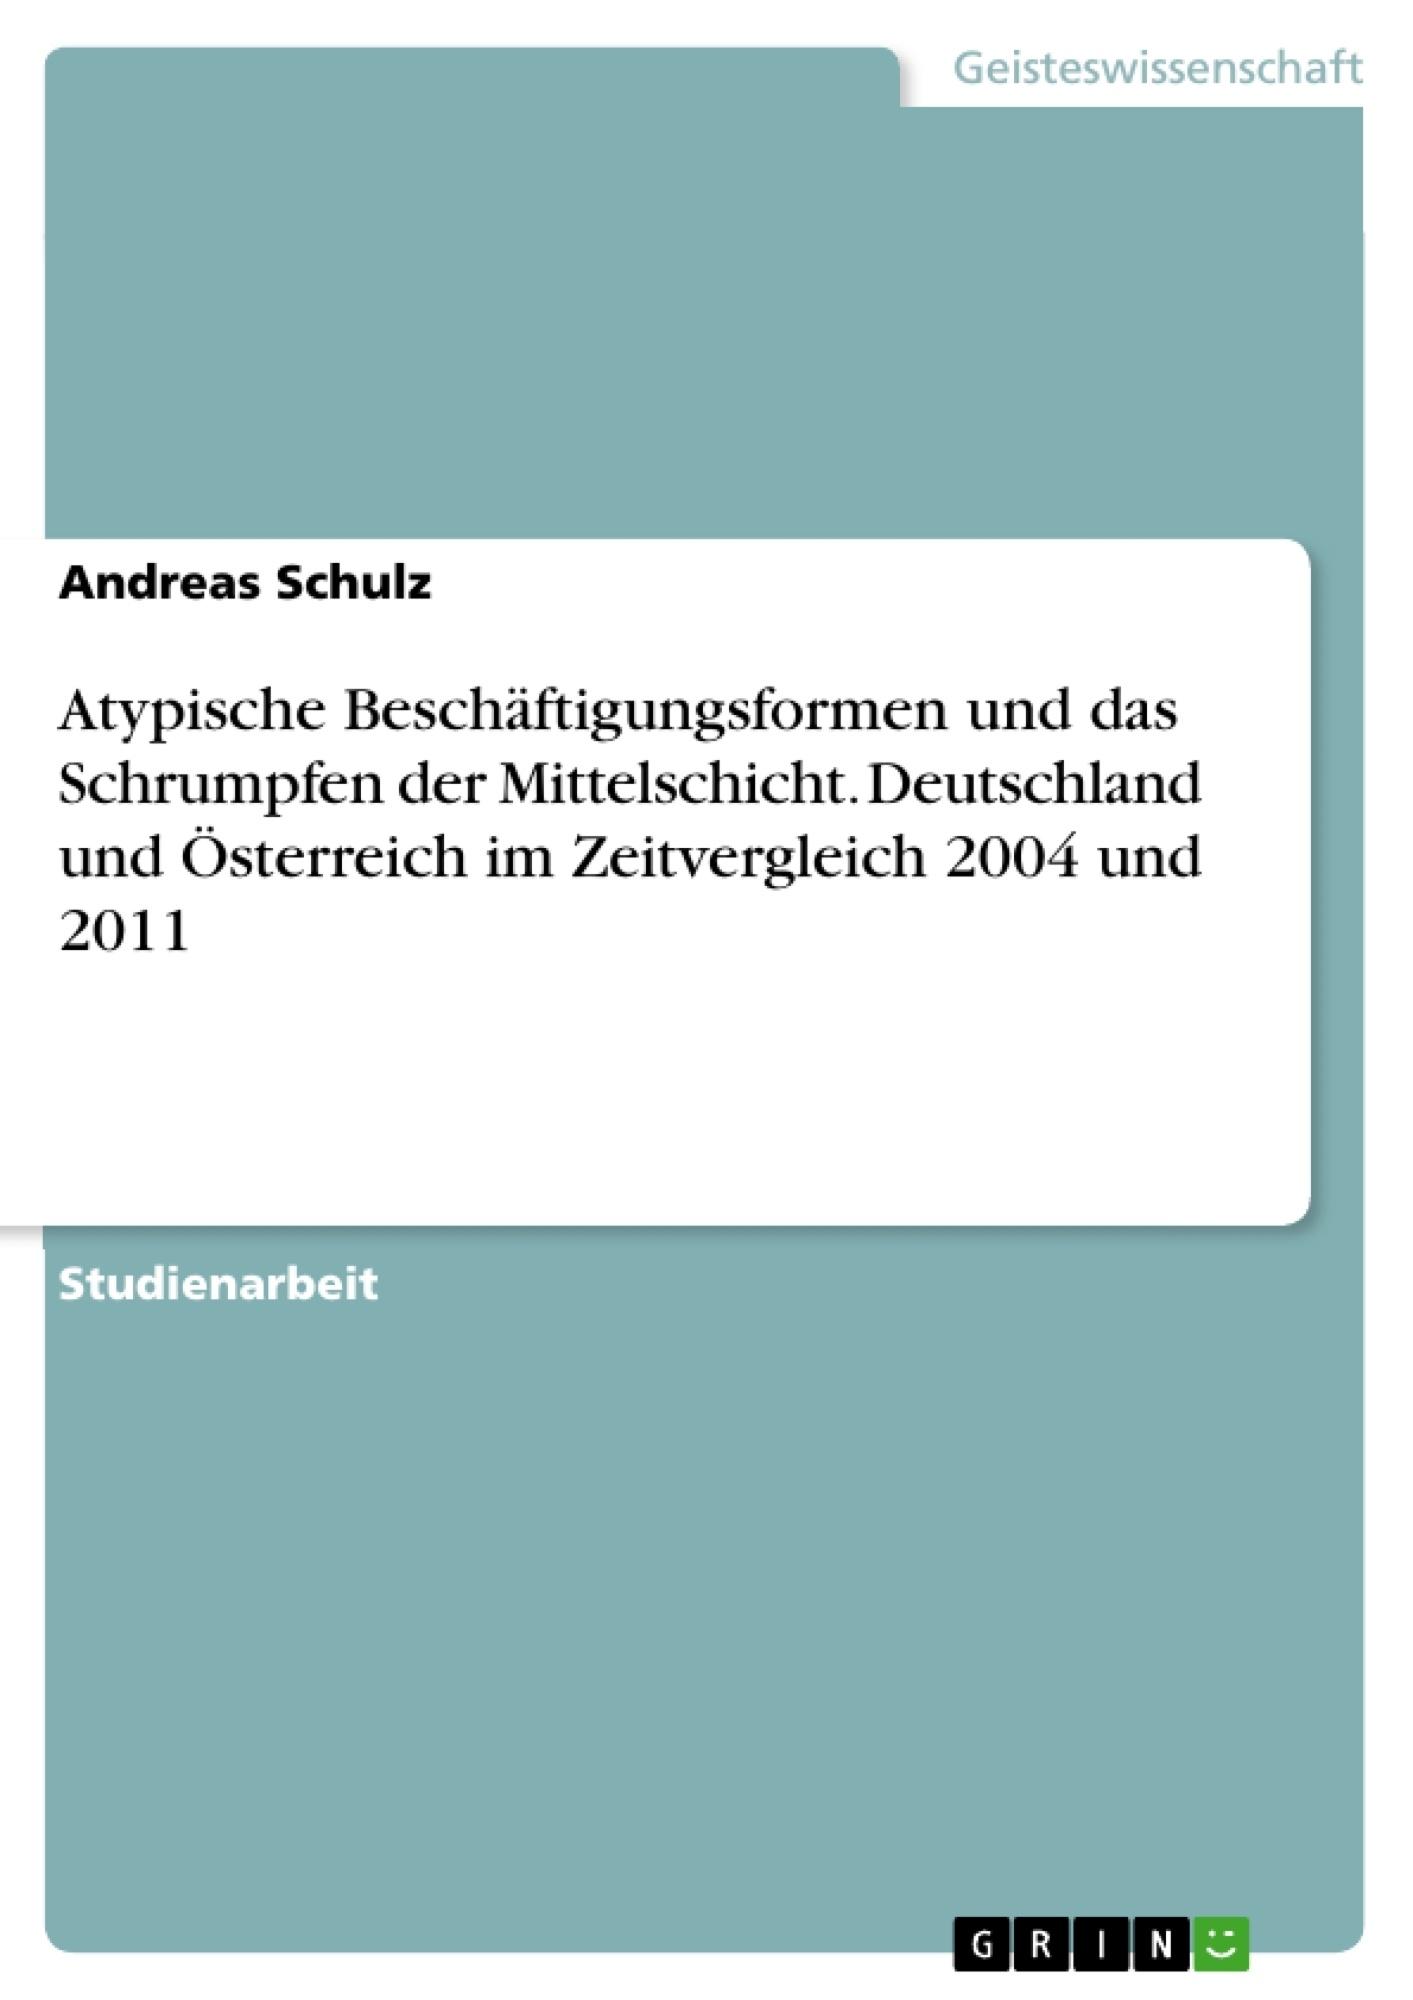 Titel: Atypische Beschäftigungsformen und das Schrumpfen der Mittelschicht. Deutschland und Österreich im Zeitvergleich 2004 und 2011